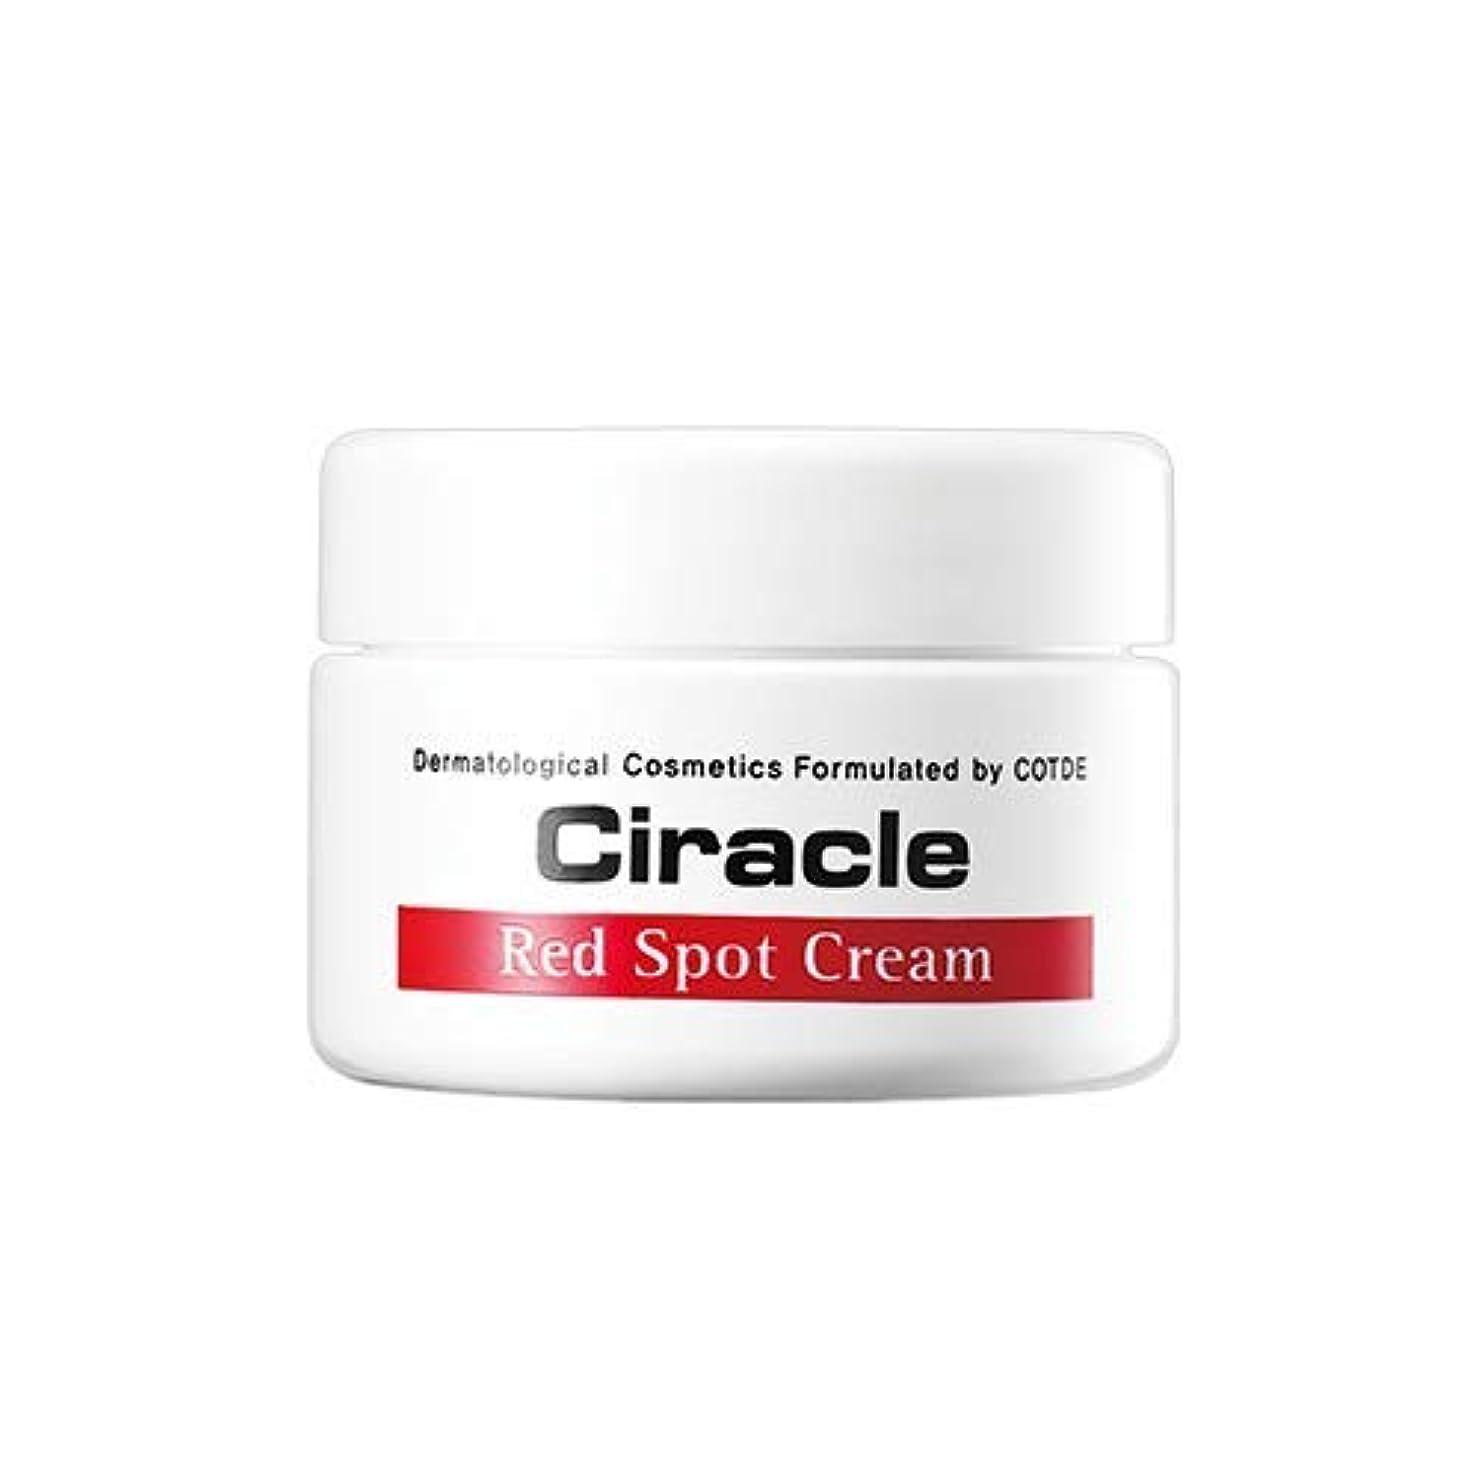 匿名カーフ鏡Ciracle Red Spot Cream 30ml Trouble Skin Beauty Product by Skin Product [並行輸入品]